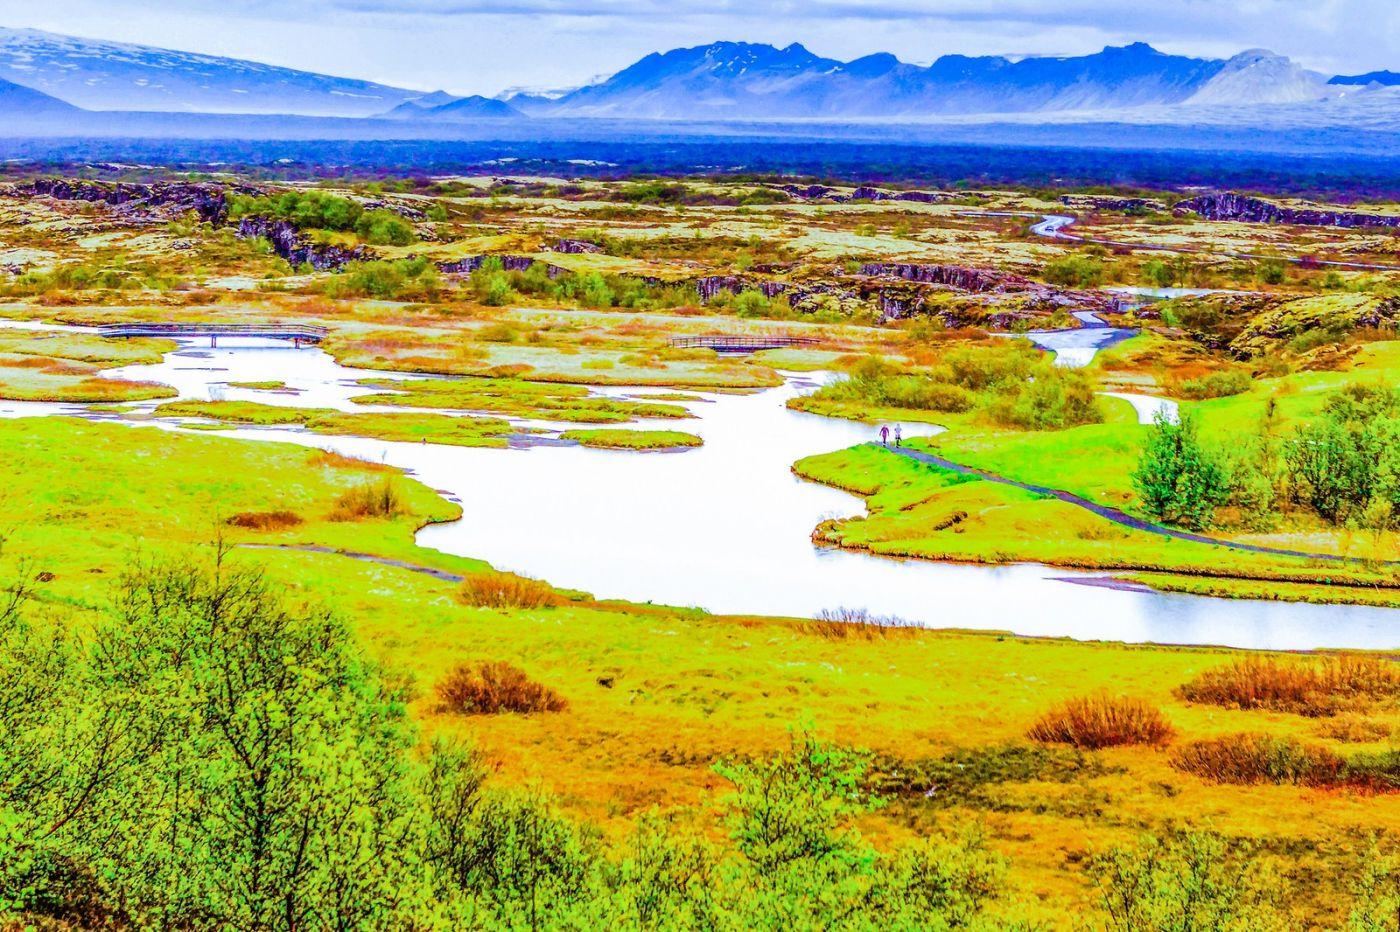 冰岛辛格韦德利国家公园,世界遗产_图1-15